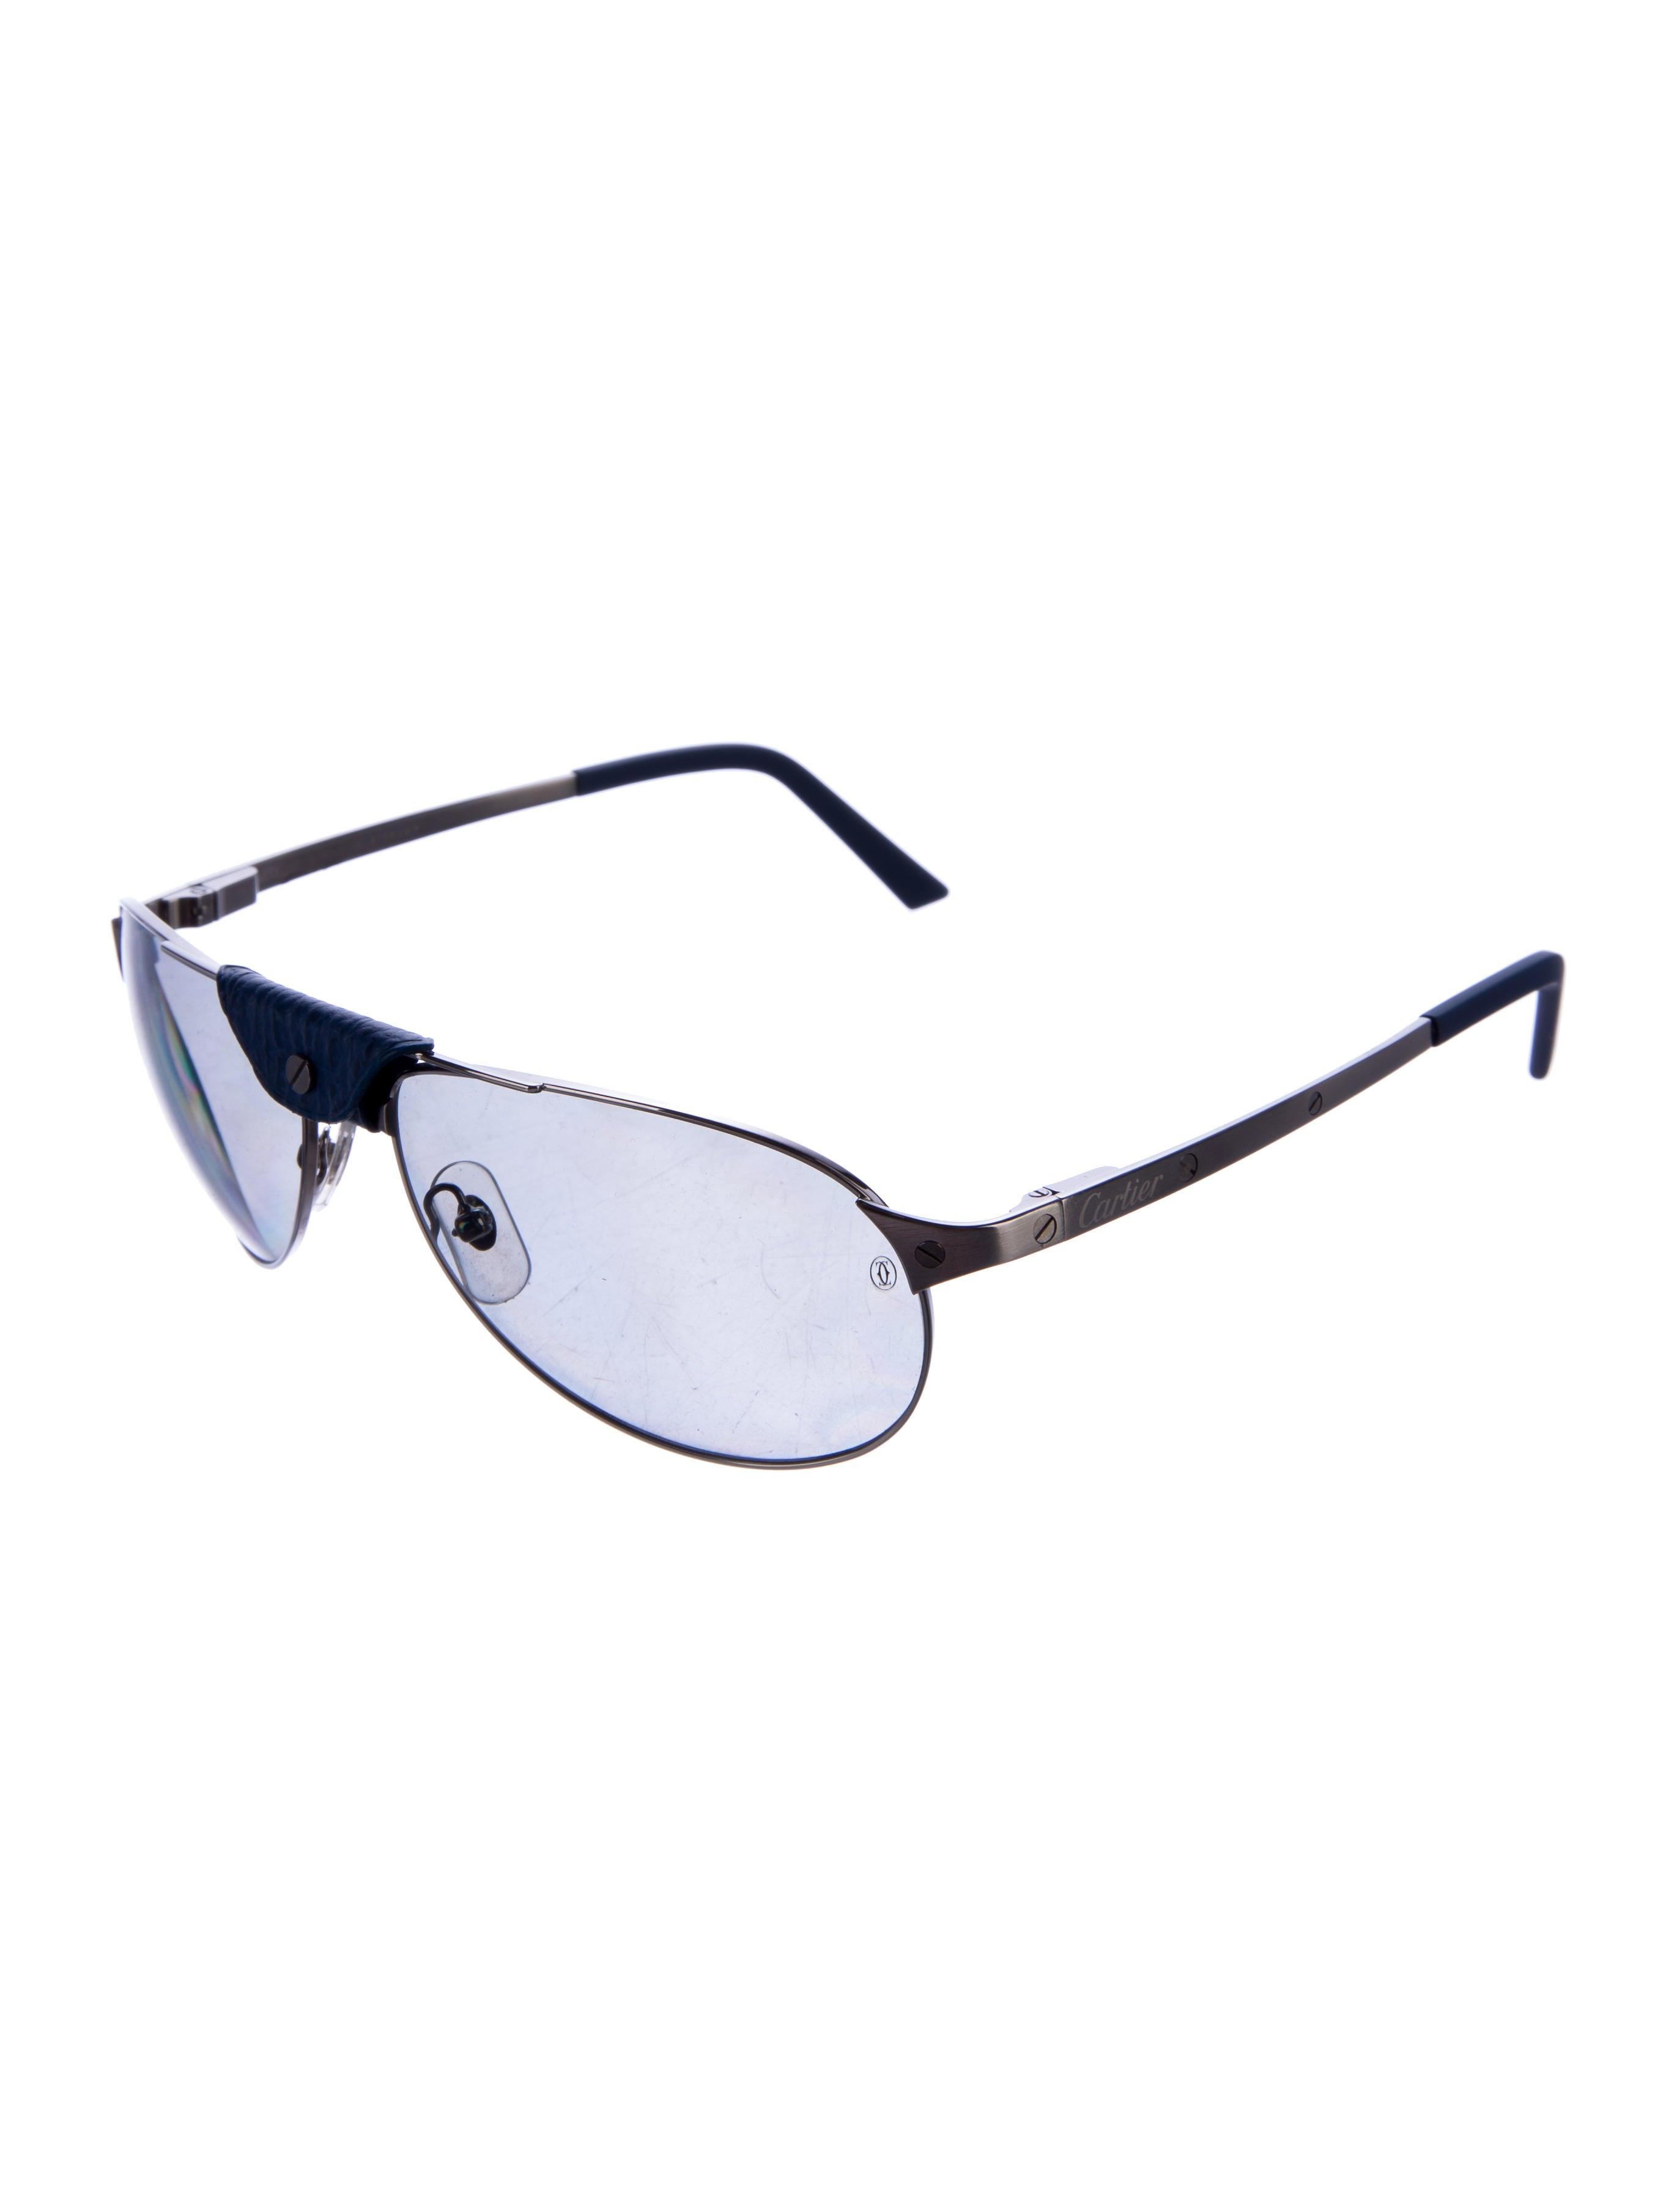 60bba9210a58 Cartier Santos Aviator Sunglasses Dumont